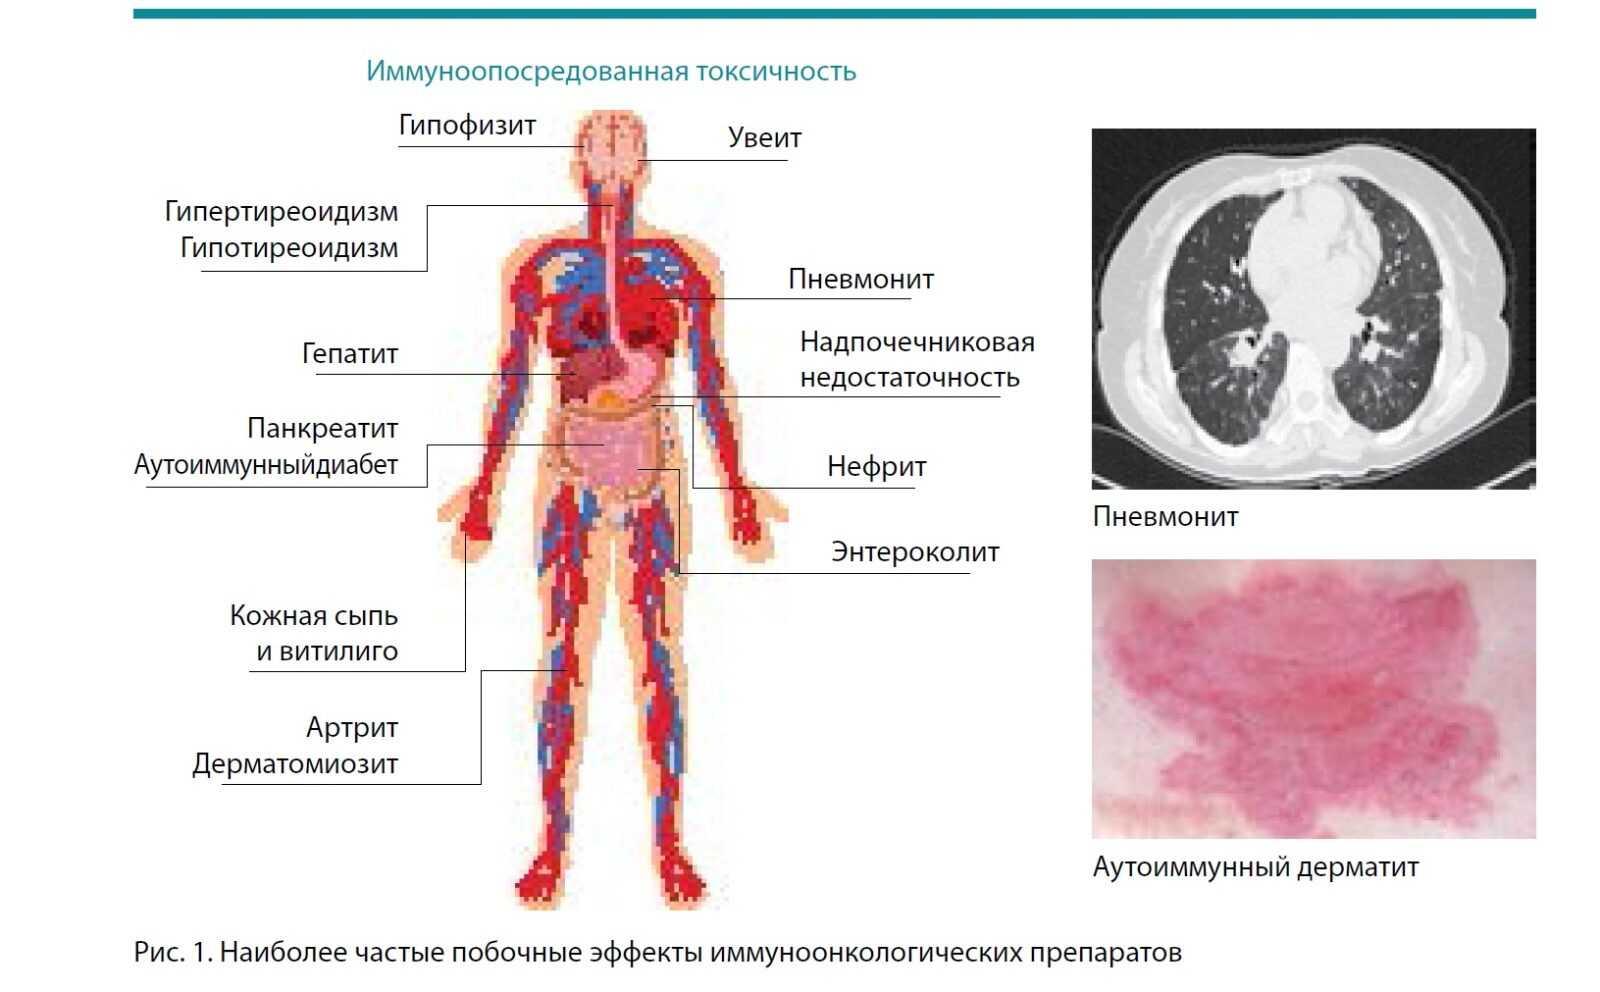 Наиболее частые побочные эффектны иммуноонкологических препаратов